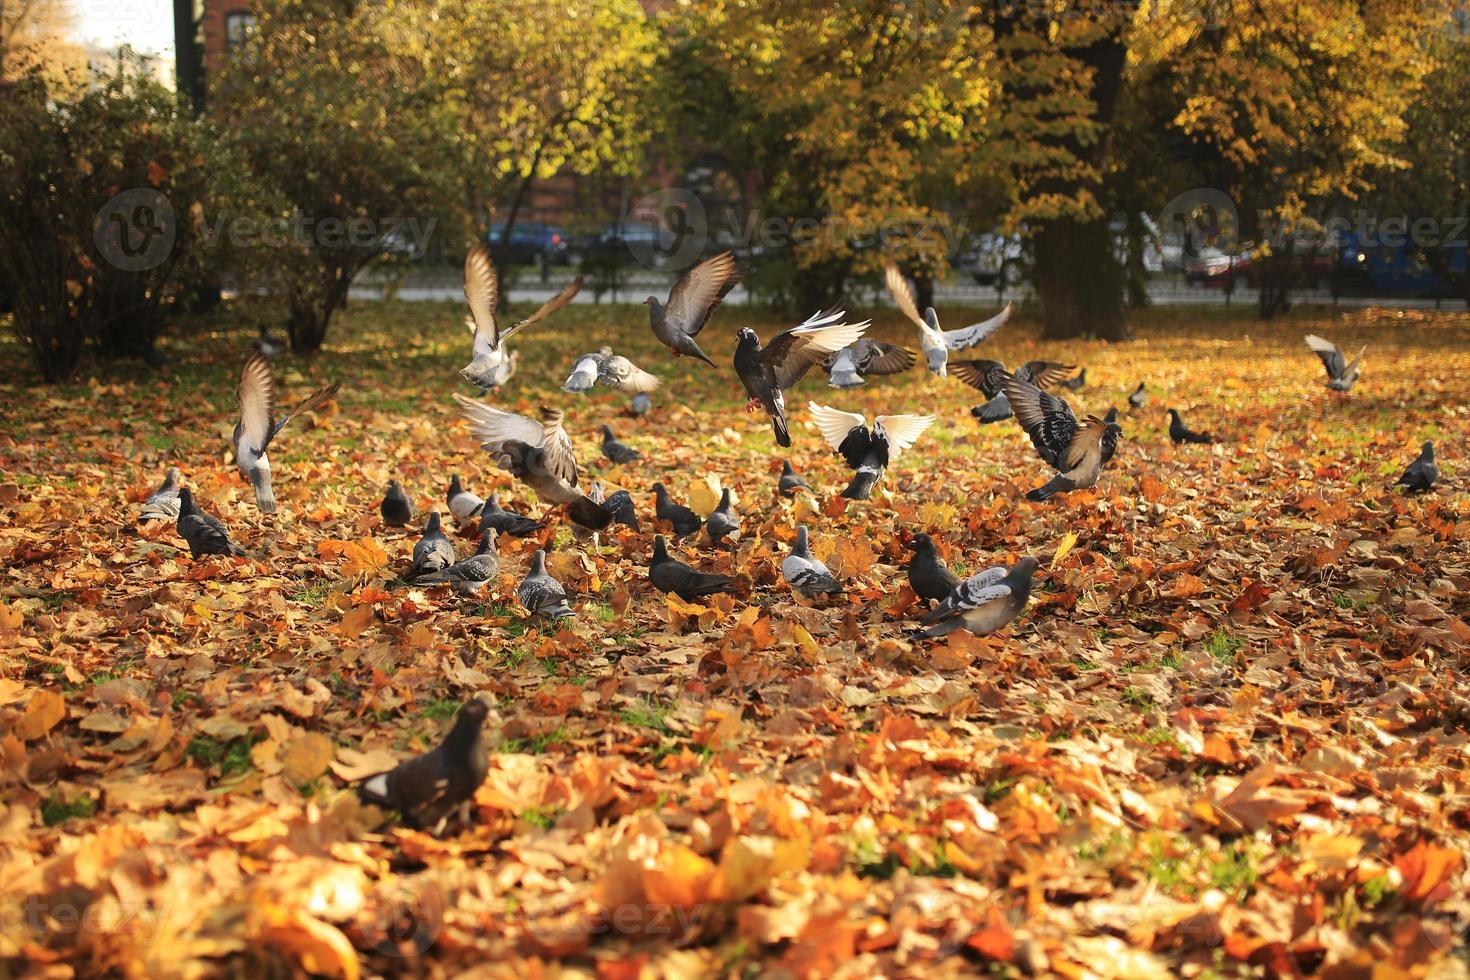 um grande bando de pombos decola do solo para o ar no parque no outono. pombos selvagens voando, paisagem de primavera foto